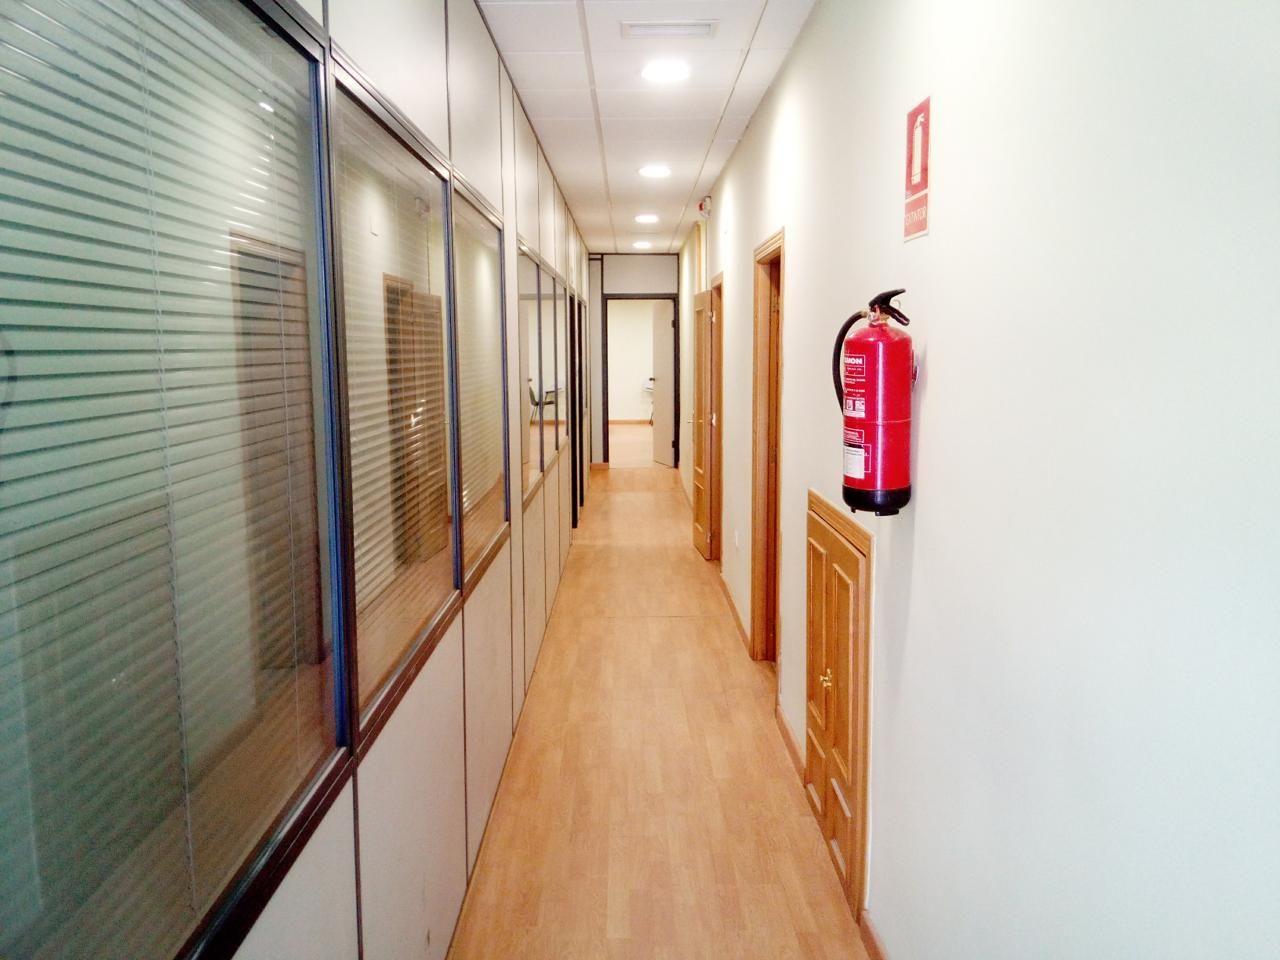 Venta local comercial en Cáceres: Servicios de CH-Inmogestión